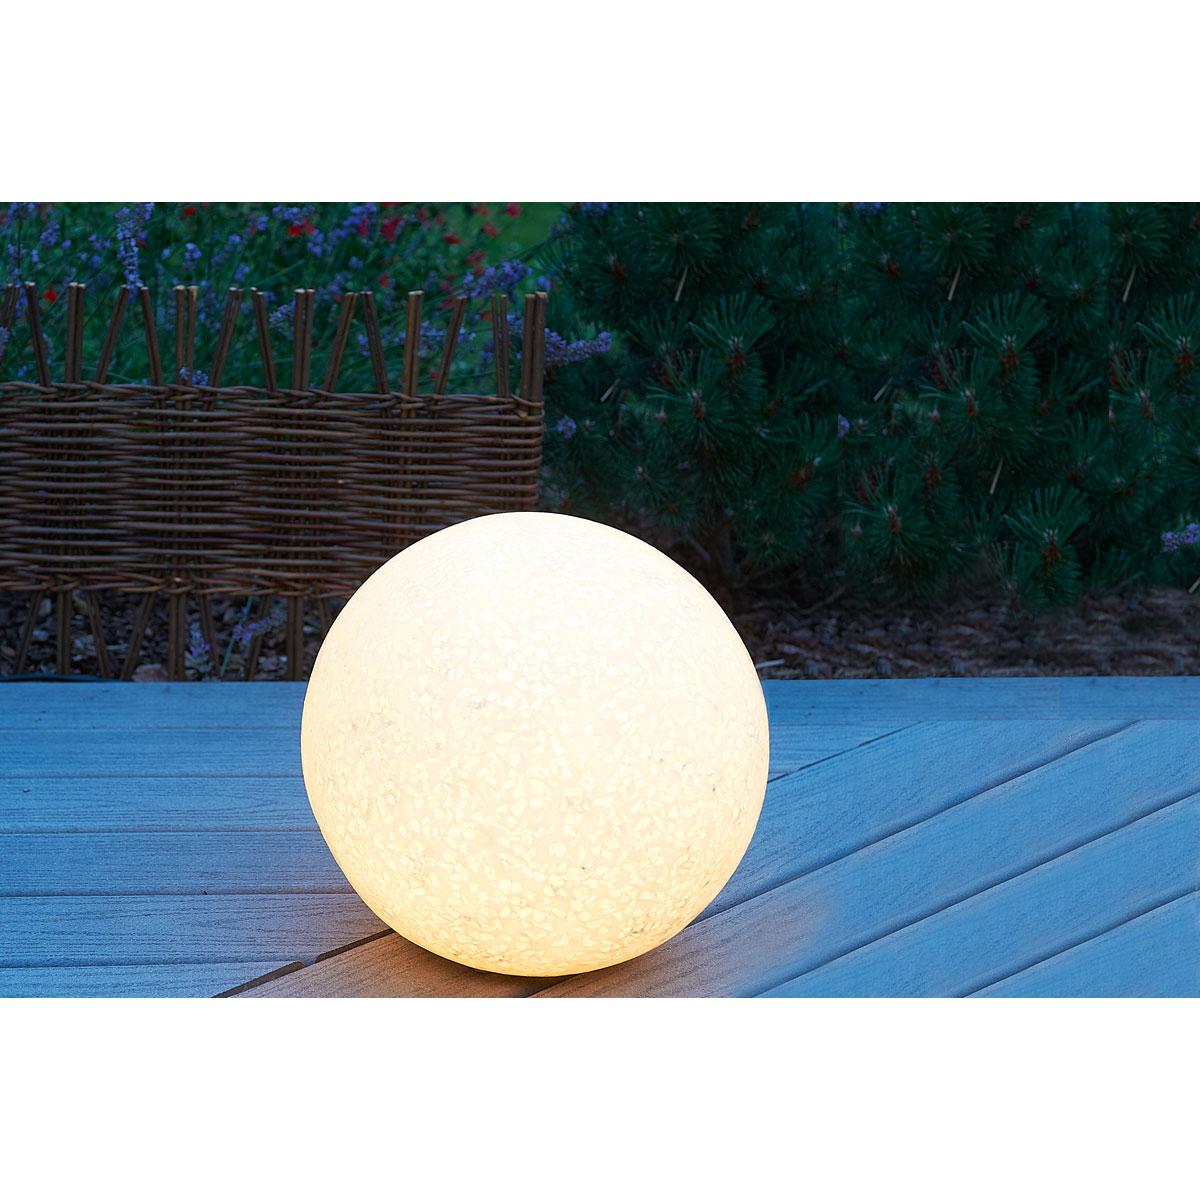 Boule Lumineuse : Quels Sont Mes Conseils Pour Aménager Et ... encequiconcerne Boule Lumineuse Jardin